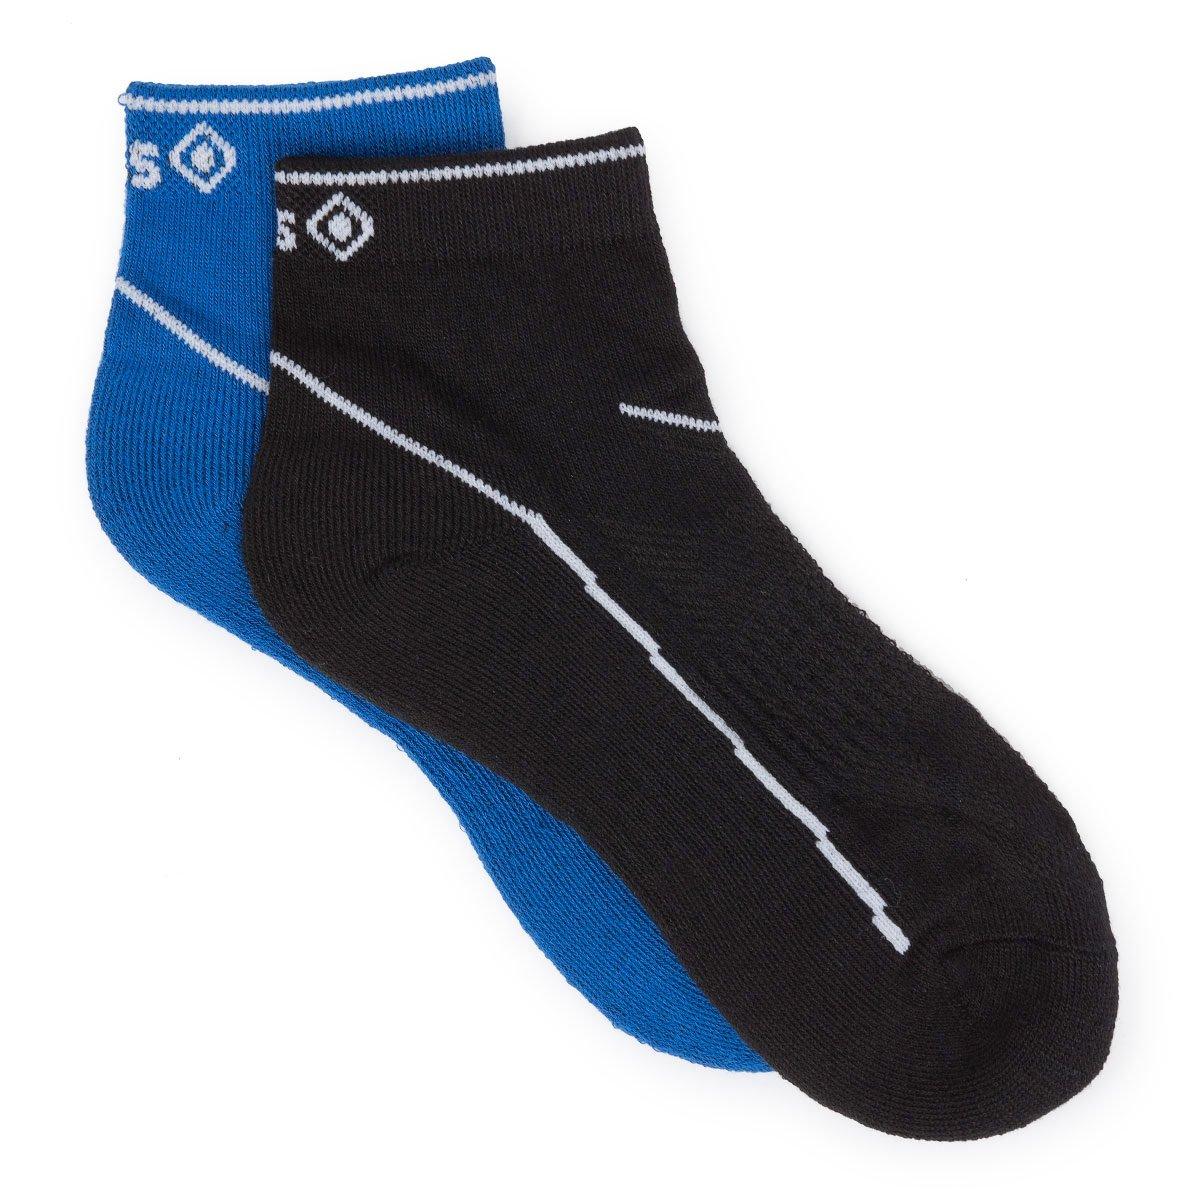 Izas Men's Jerte Outdoor Socks